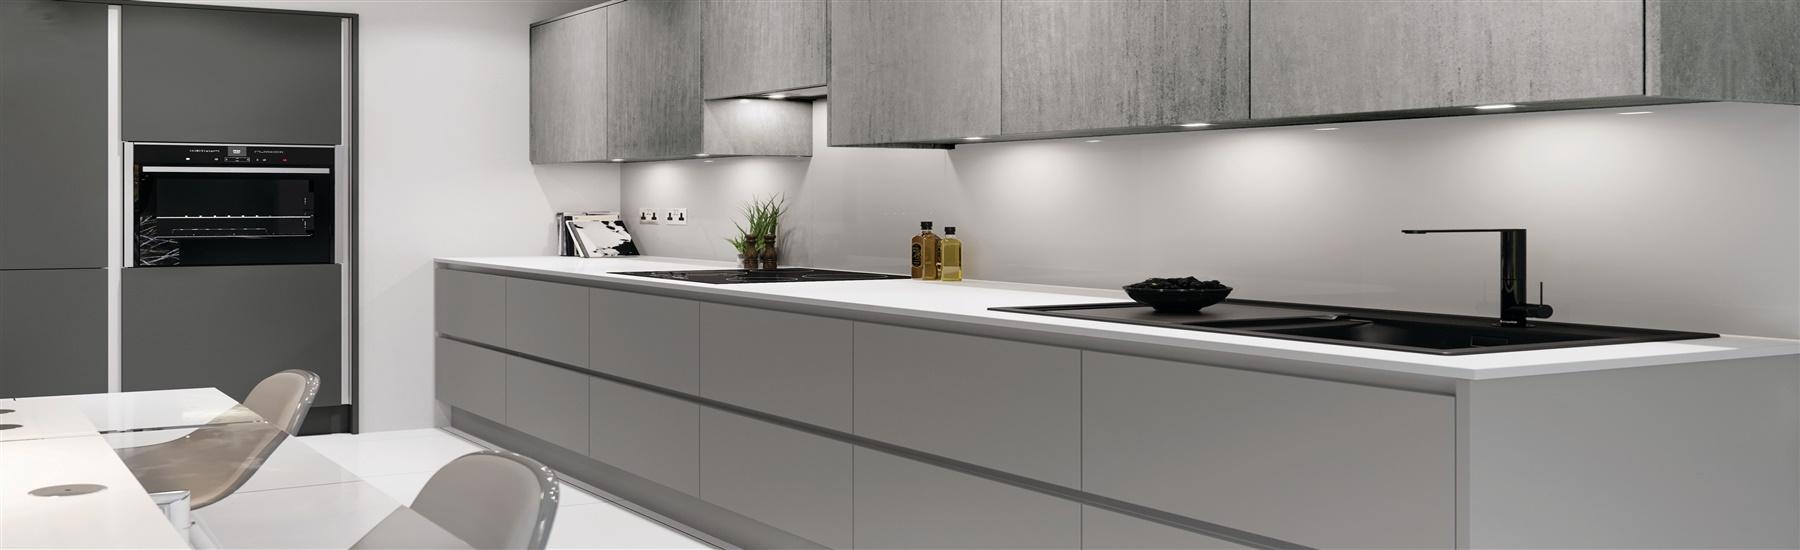 new_valore_kitchens